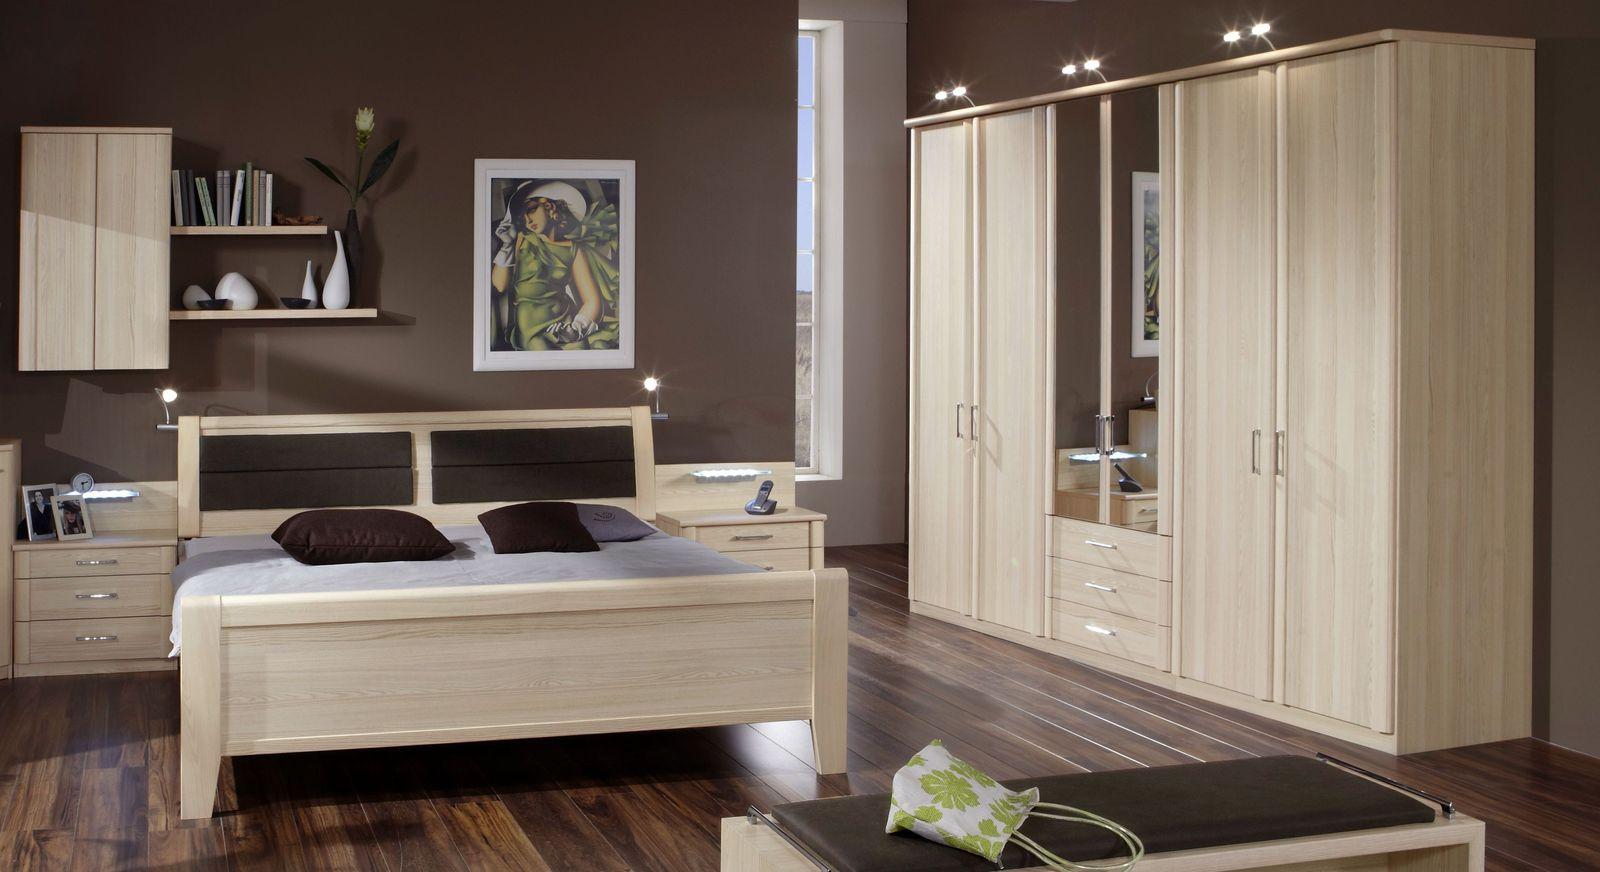 Kleiderschrank mit Spiegel und Schubladen in Esche Dekor - Rapino